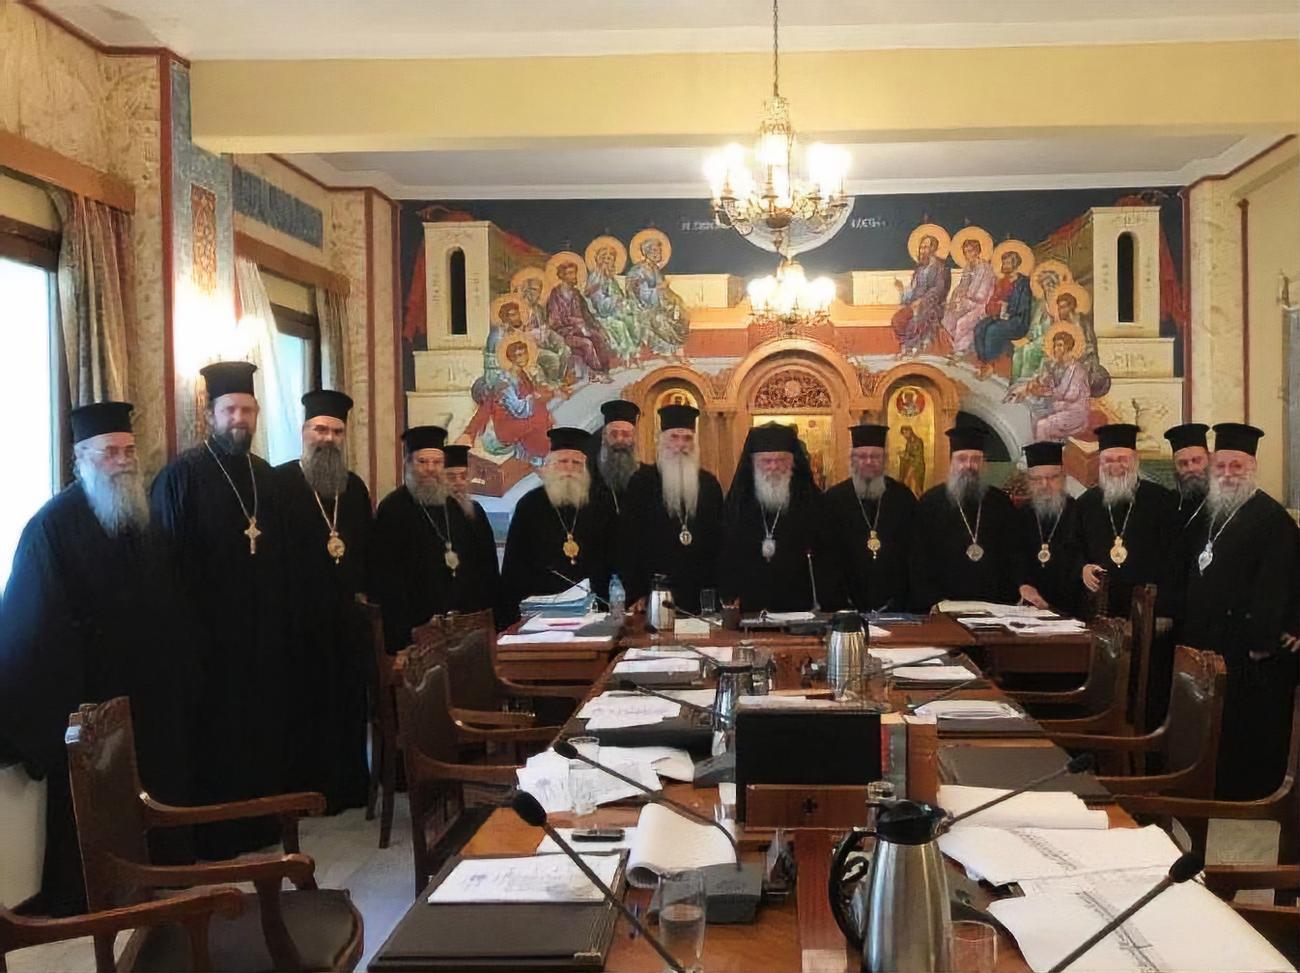 Синод грецької церкви минулого тижня визнав ПЦУ. Це стало доволі сильним ударом для РПЦ